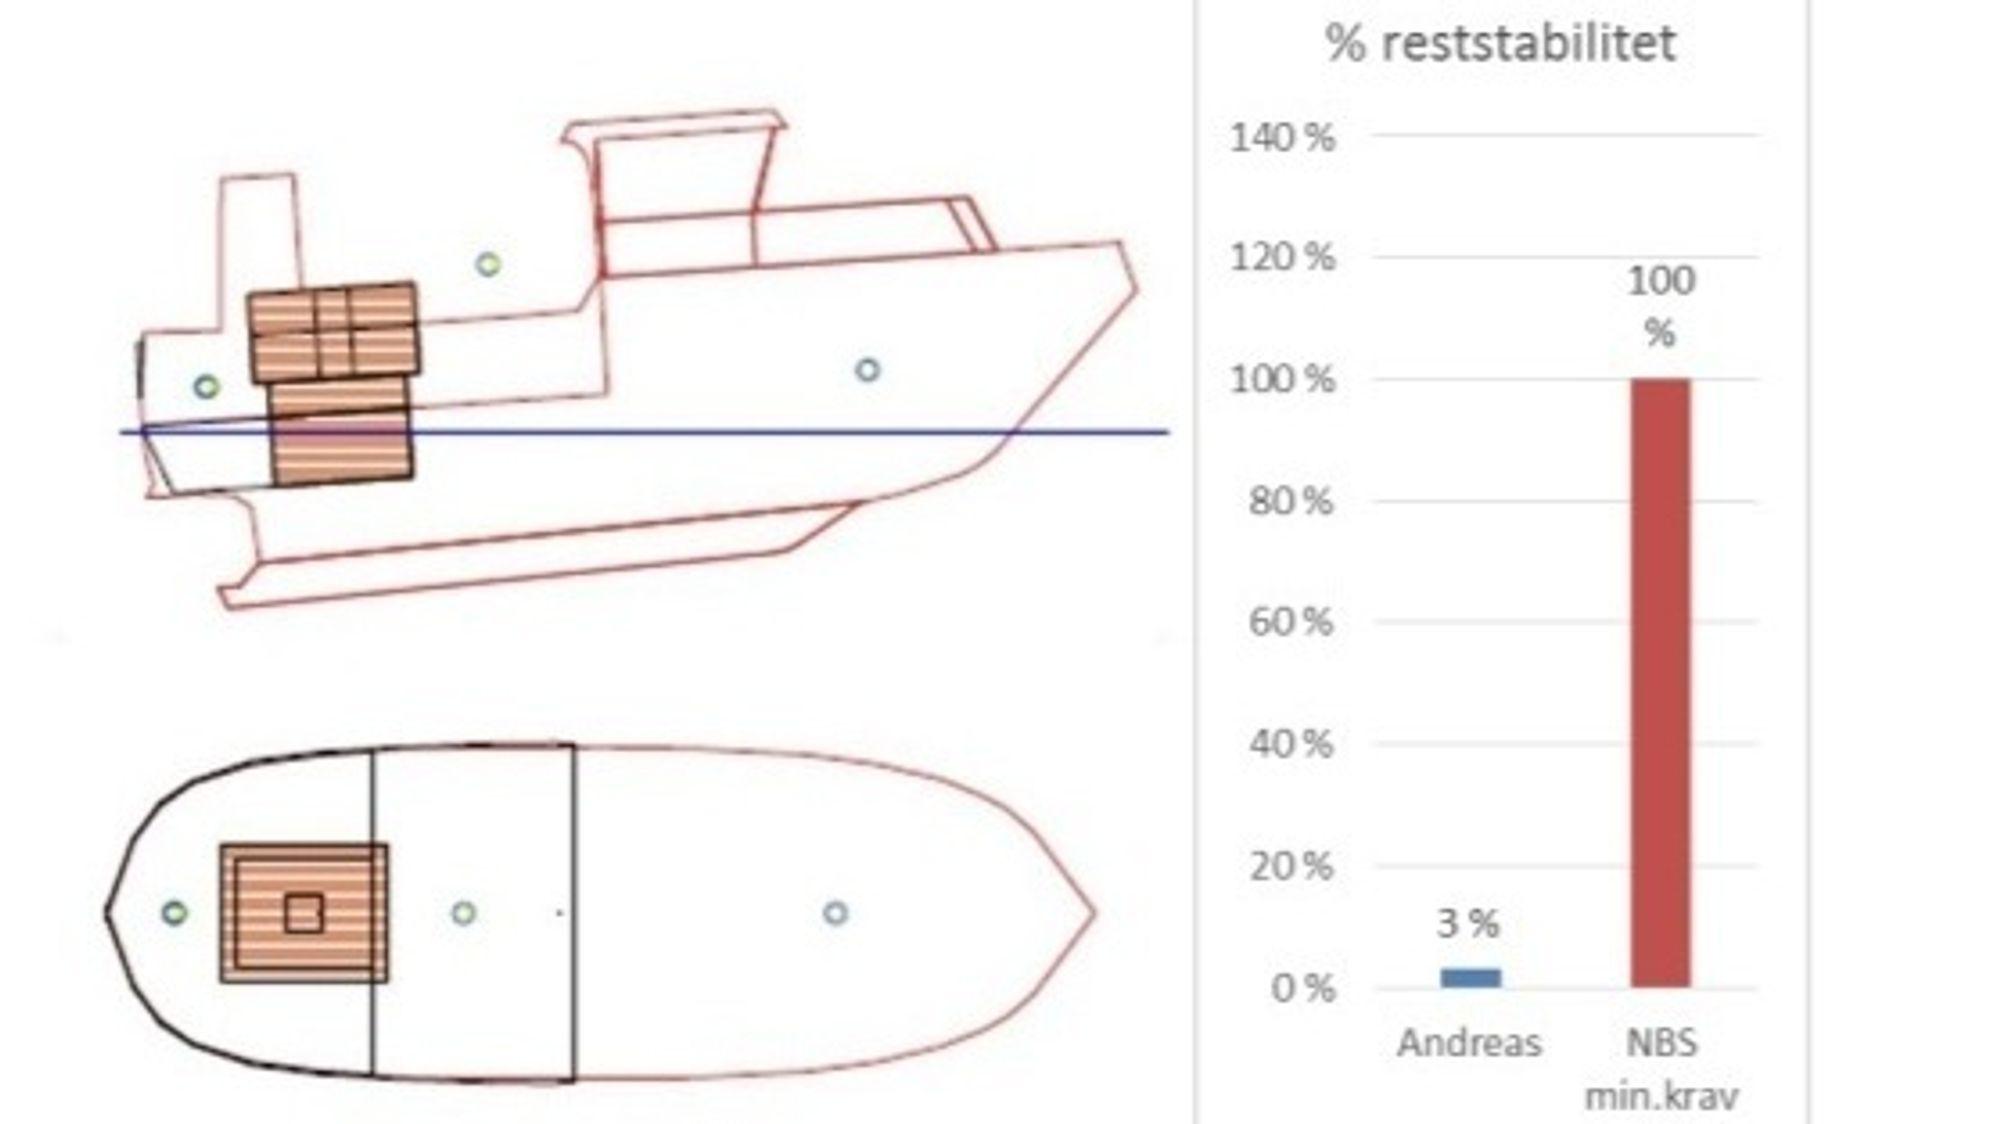 GZ-kurver sier noe om fartøyets evne til å motstå krenging ved ulike krengevinkler. Med full last og med mye brottsjø var denne kun tre prosent av minstekravet på fartøyet som forliste.